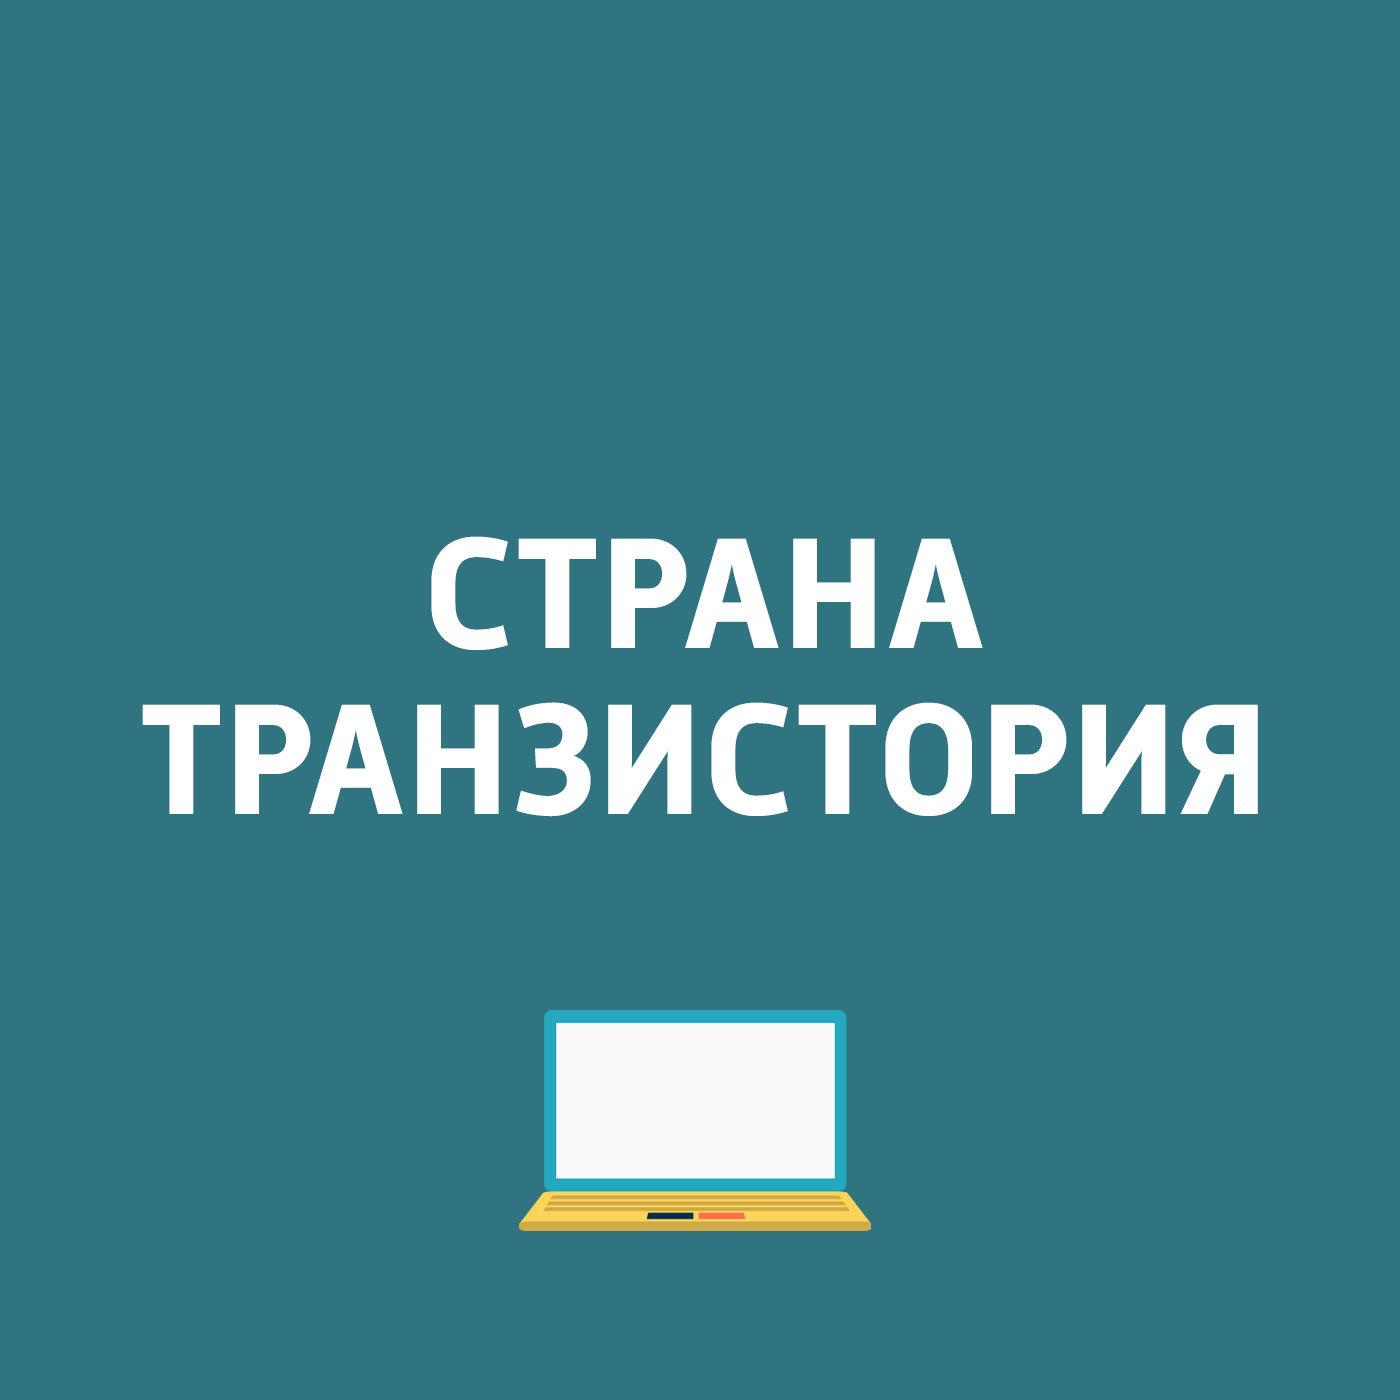 Картаев Павел Новый троян, Xperia-XA картаев павел meizu объявила дату презентации новой линейки флагманских смартфонов домену ru исполнилось 24 года суперкомпьютер nvidia project clara